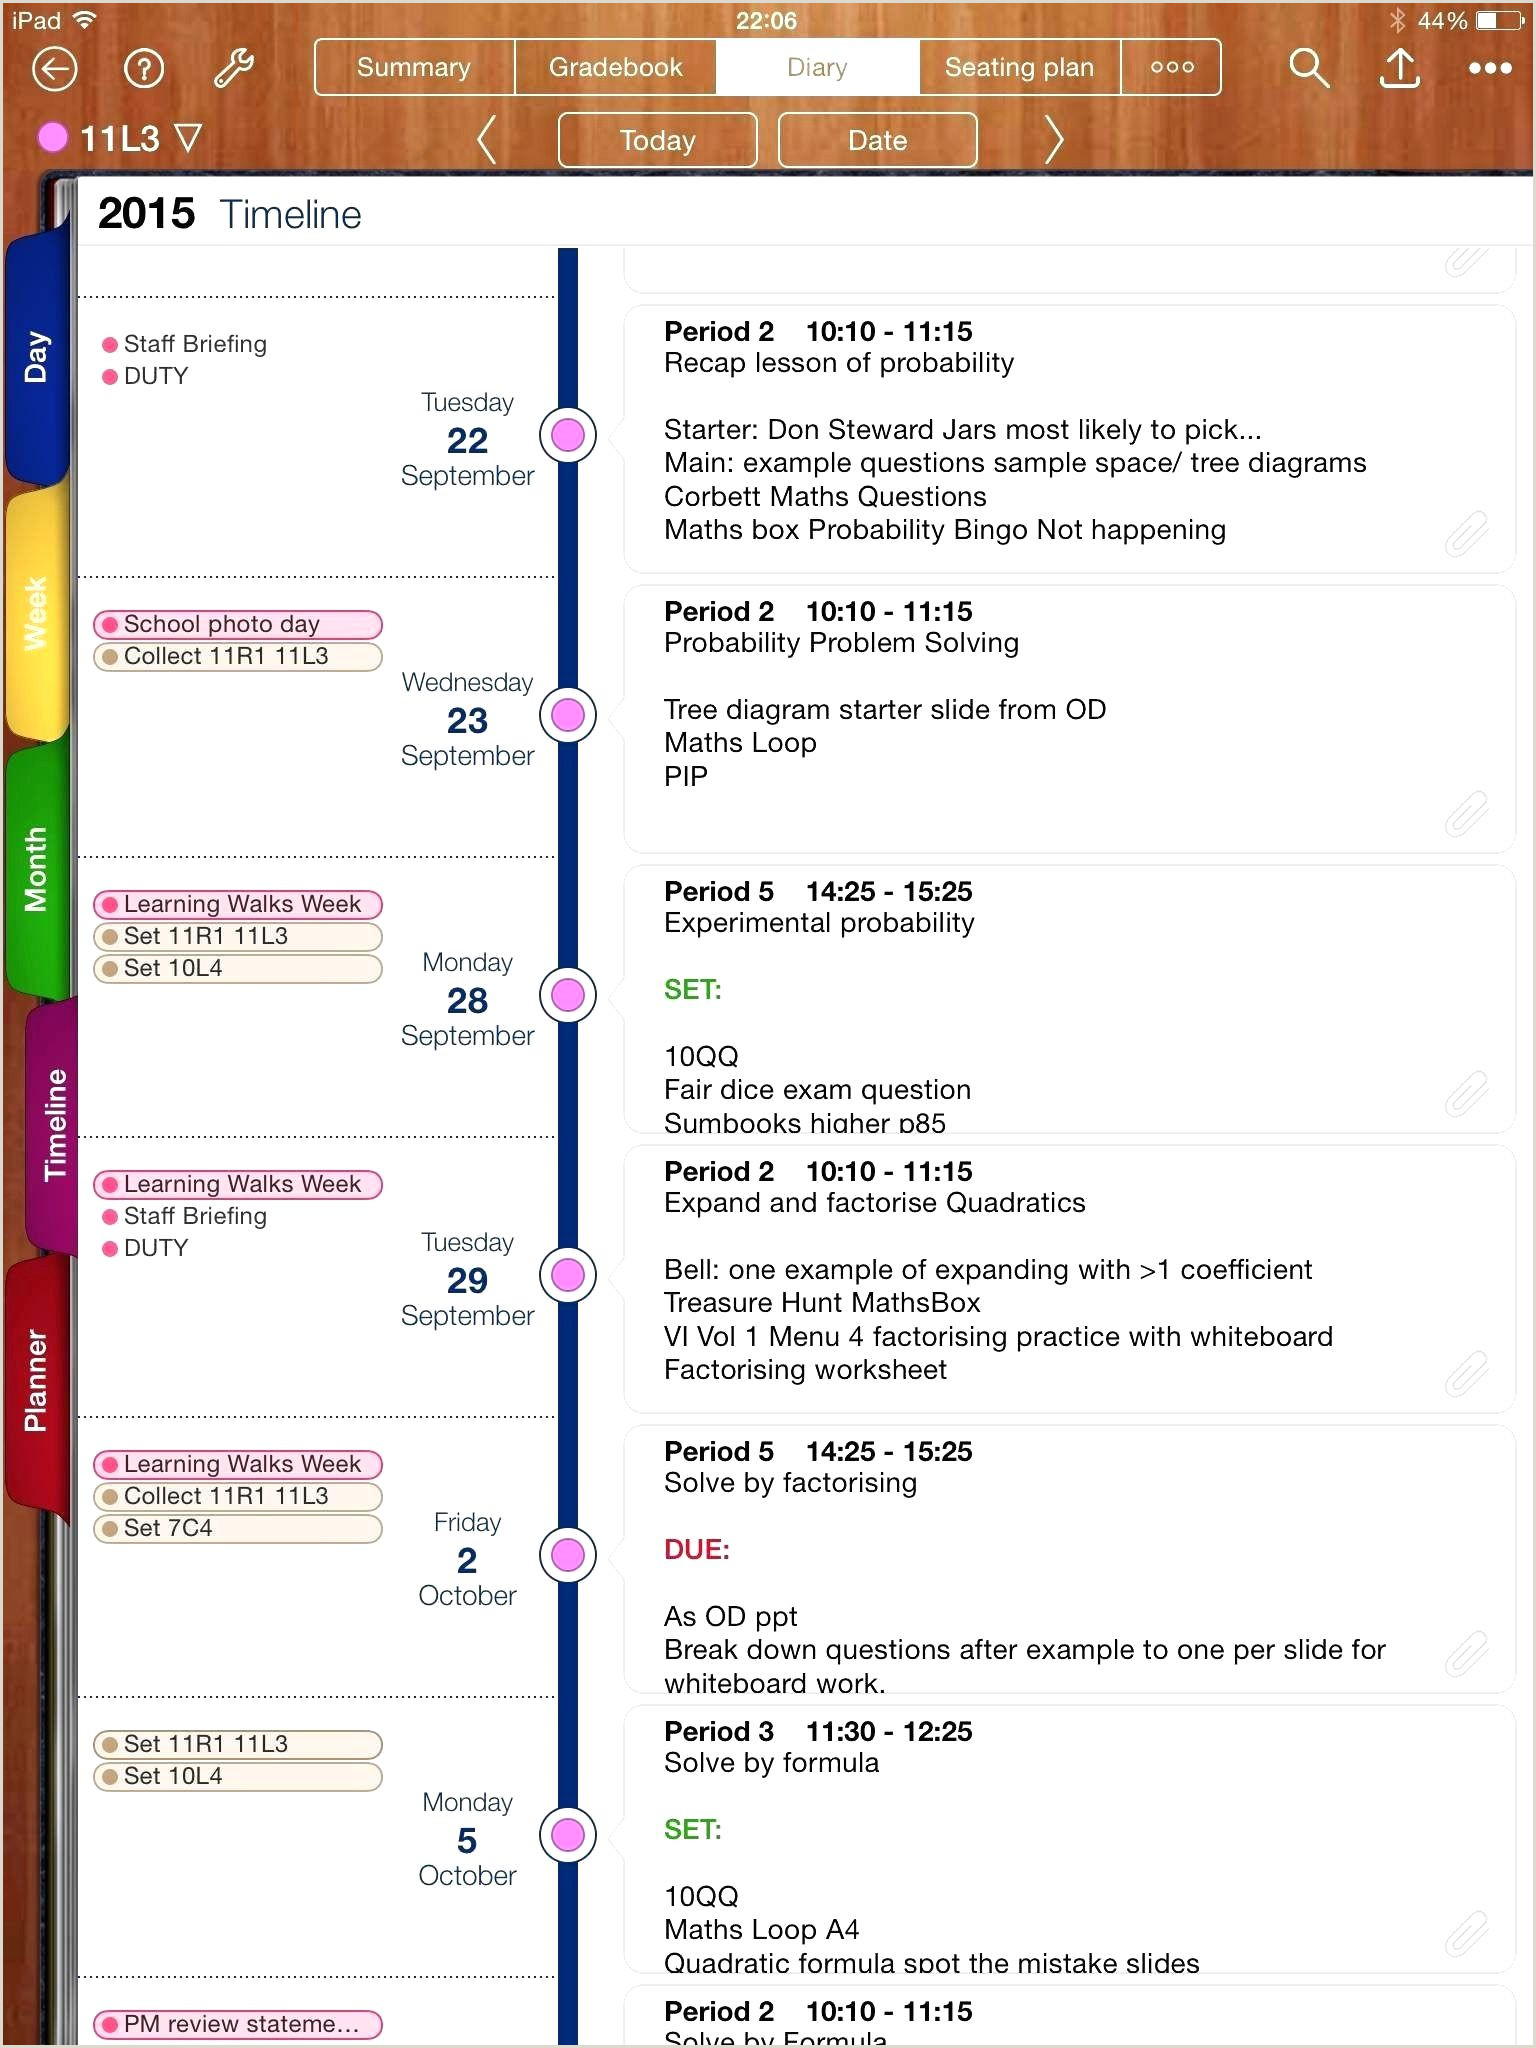 Lebenslauf Muster Herunterladen 15 Lebenslauf Muster Kostenlos Word